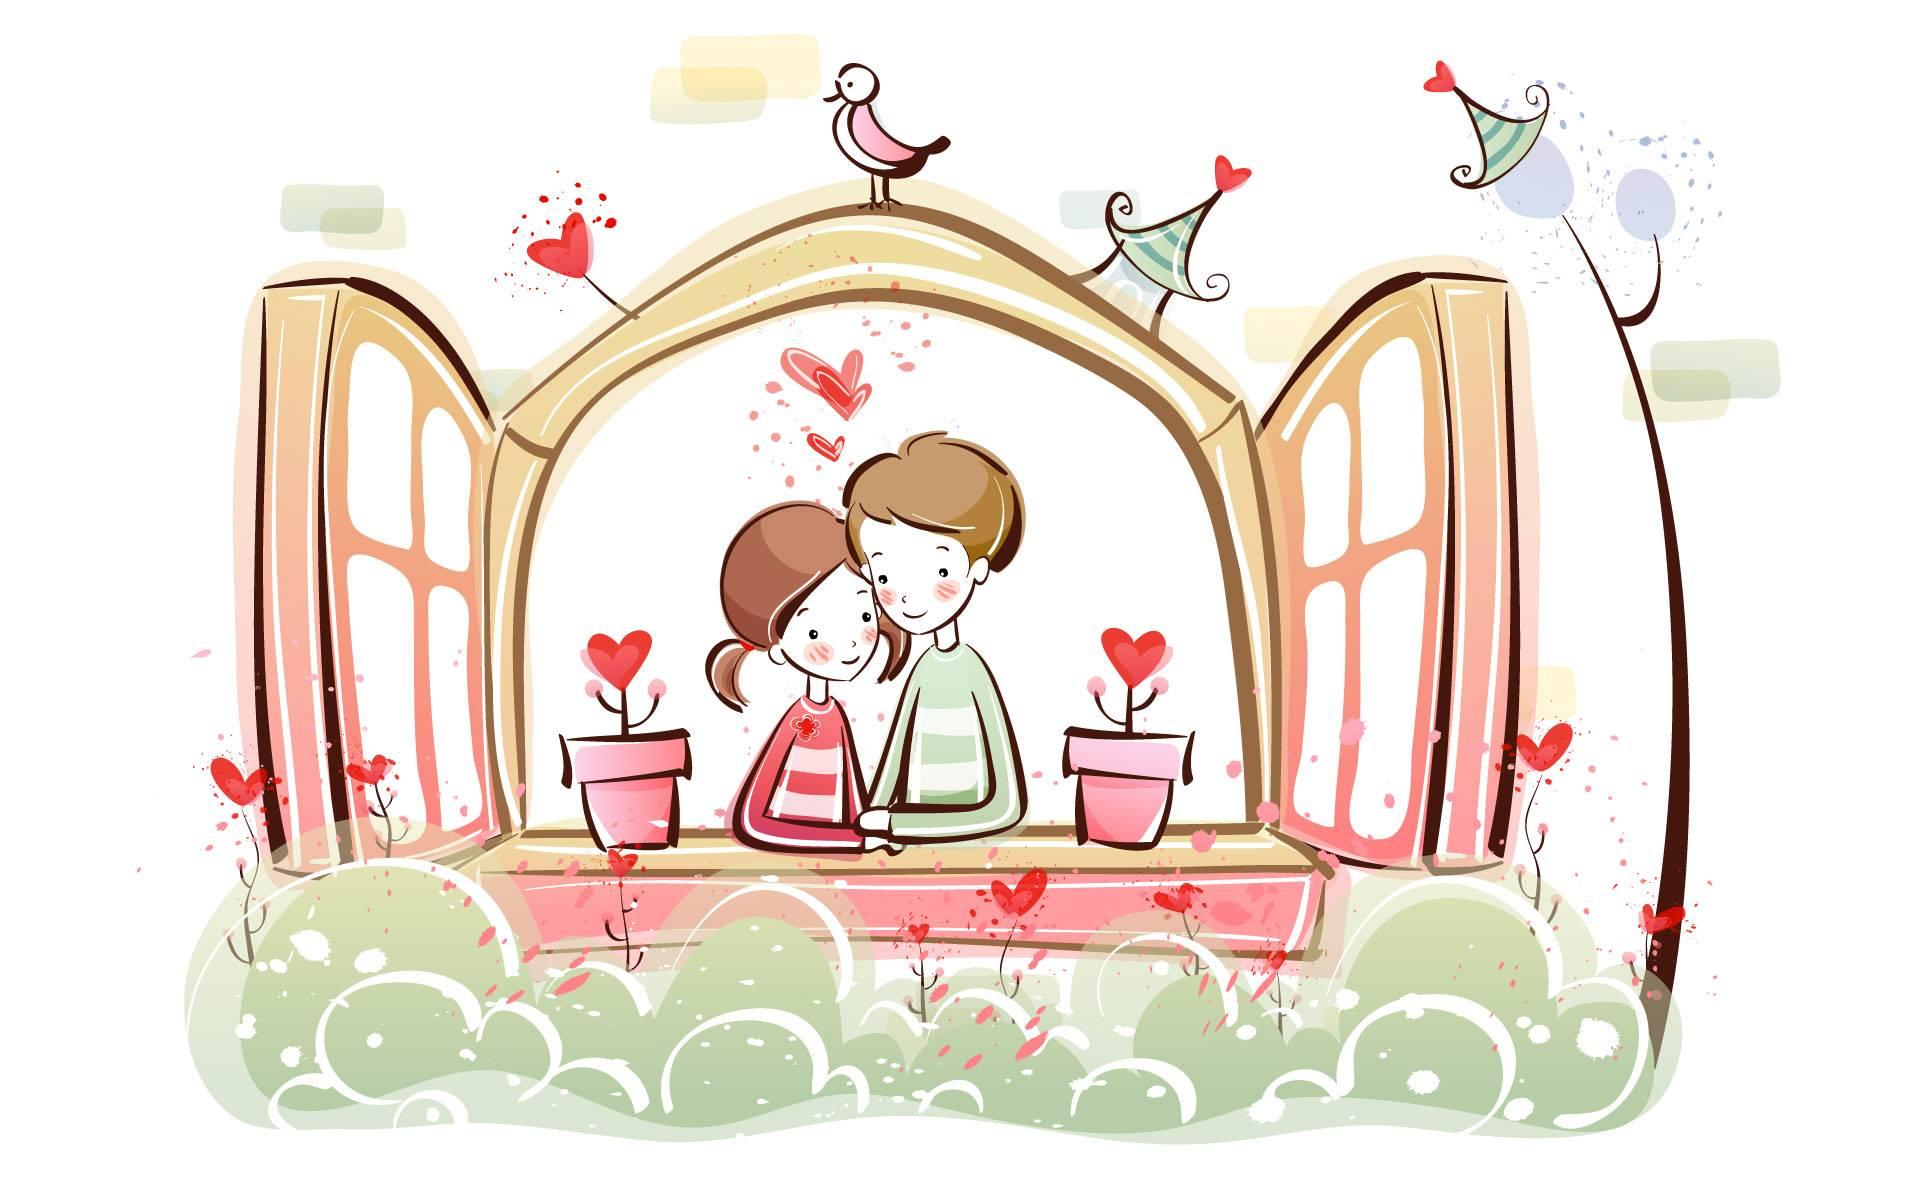 Imagenes de dibujos romanticos para enamorar